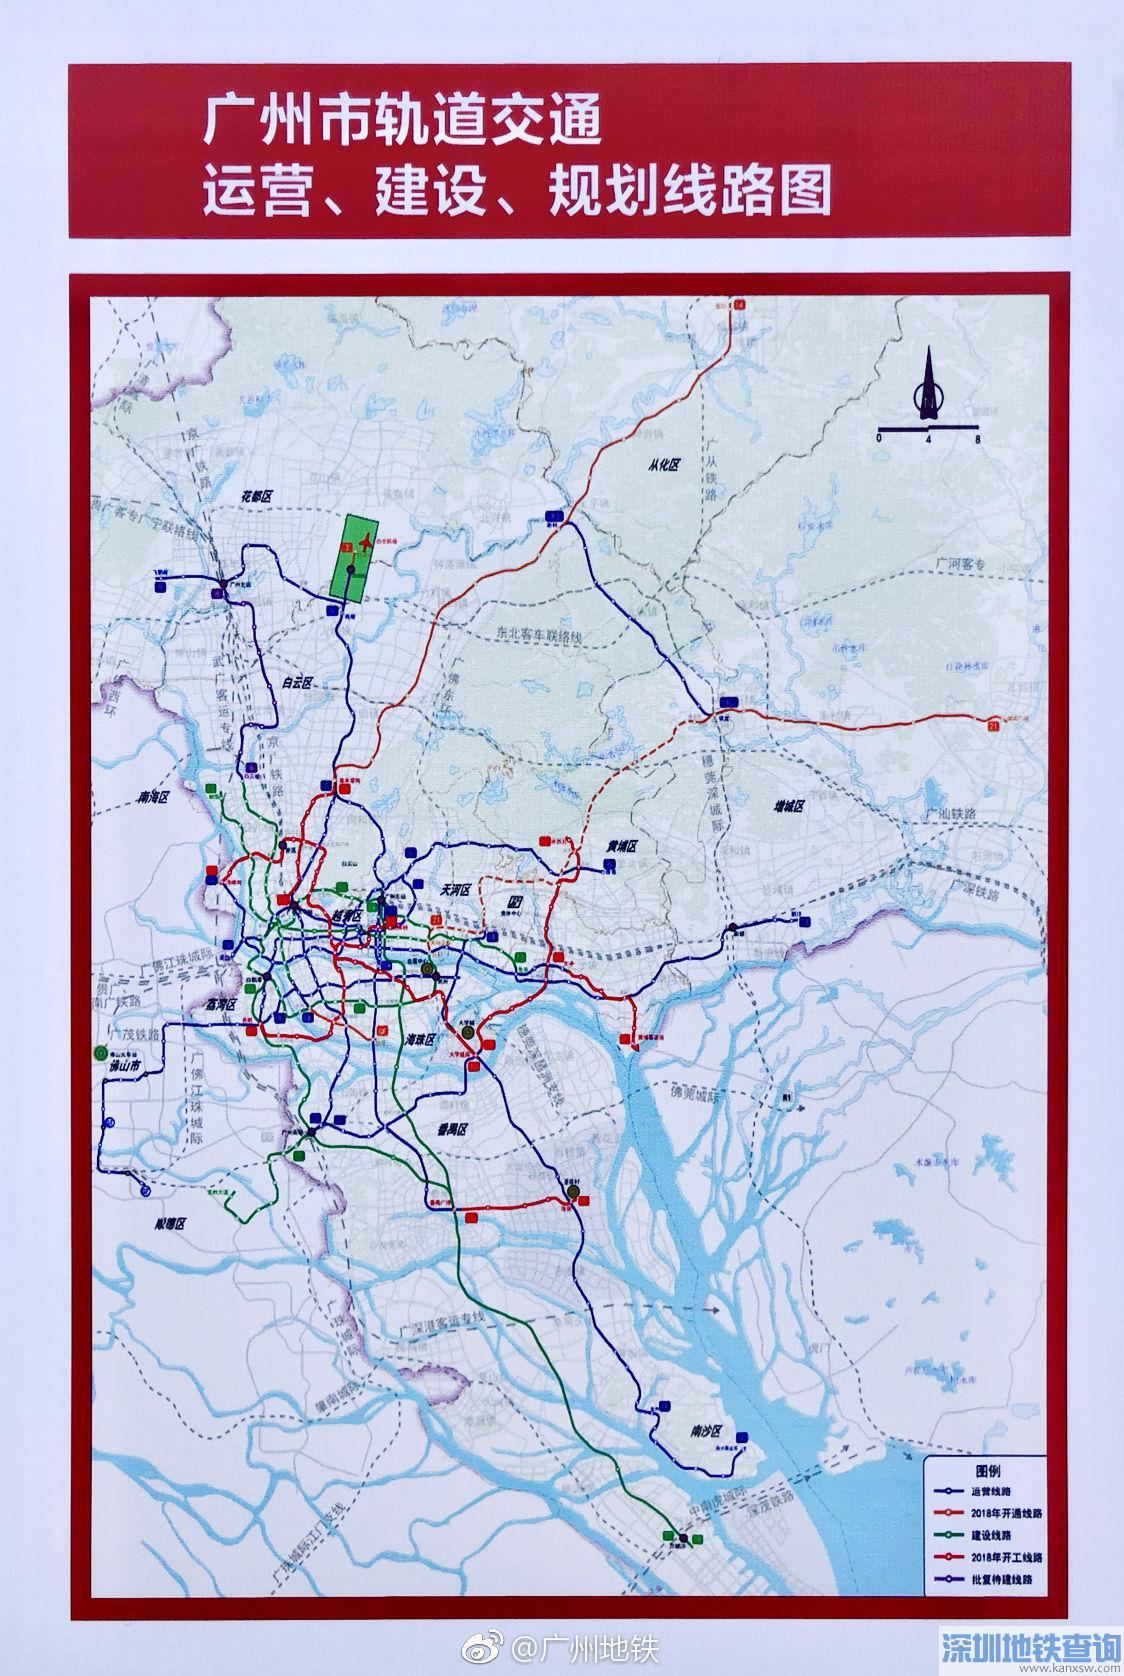 广州地铁最新规划:到2023年地铁总里程将达800公里